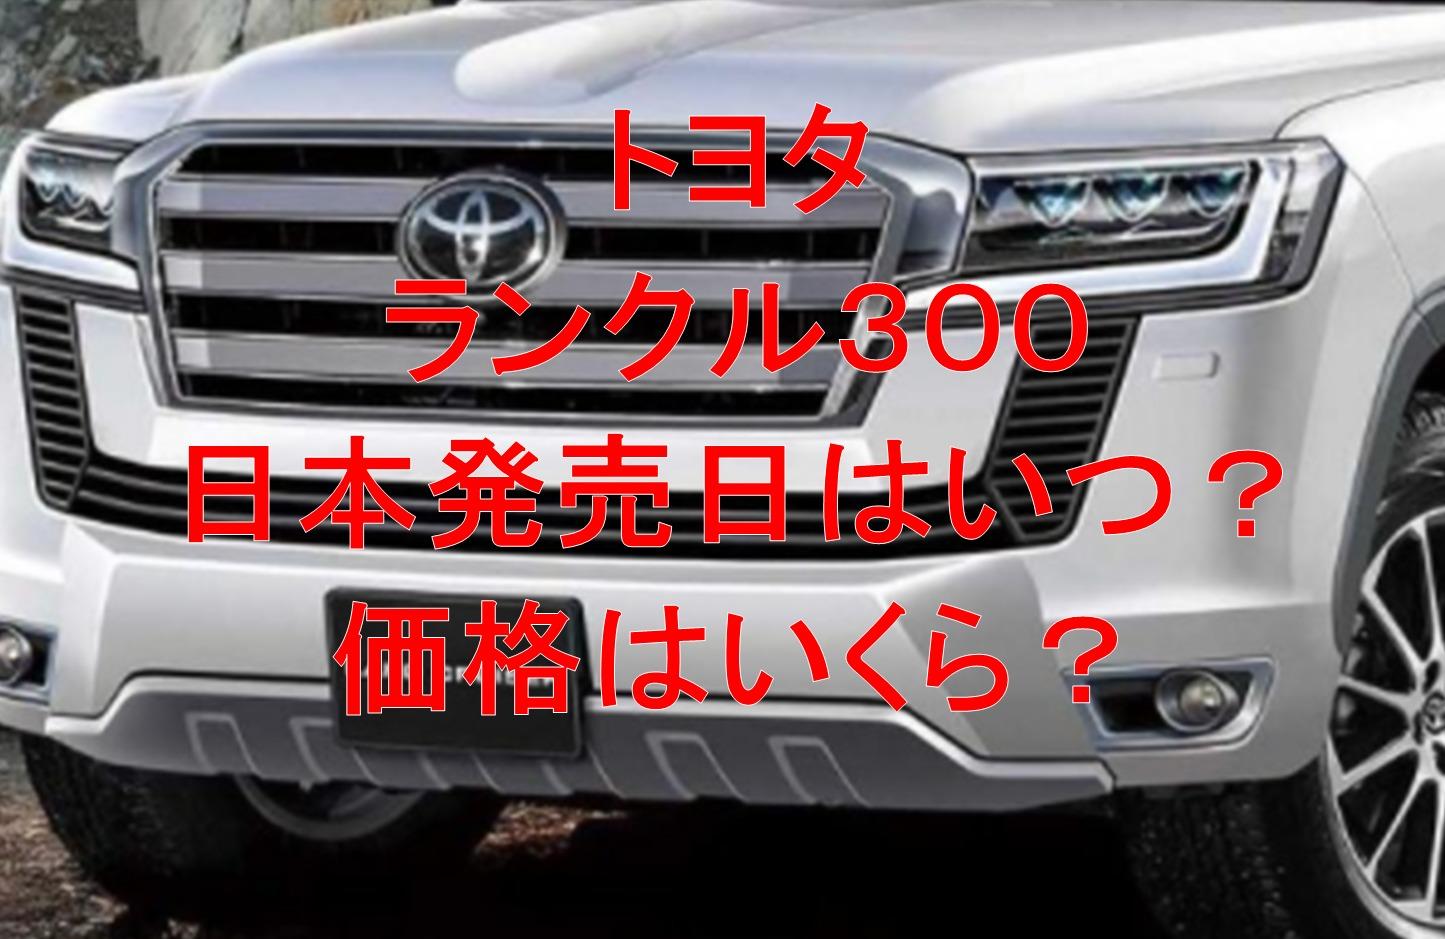 トヨタ新型ランドクルーザー300の日本発売はいつ?価格はいくら?